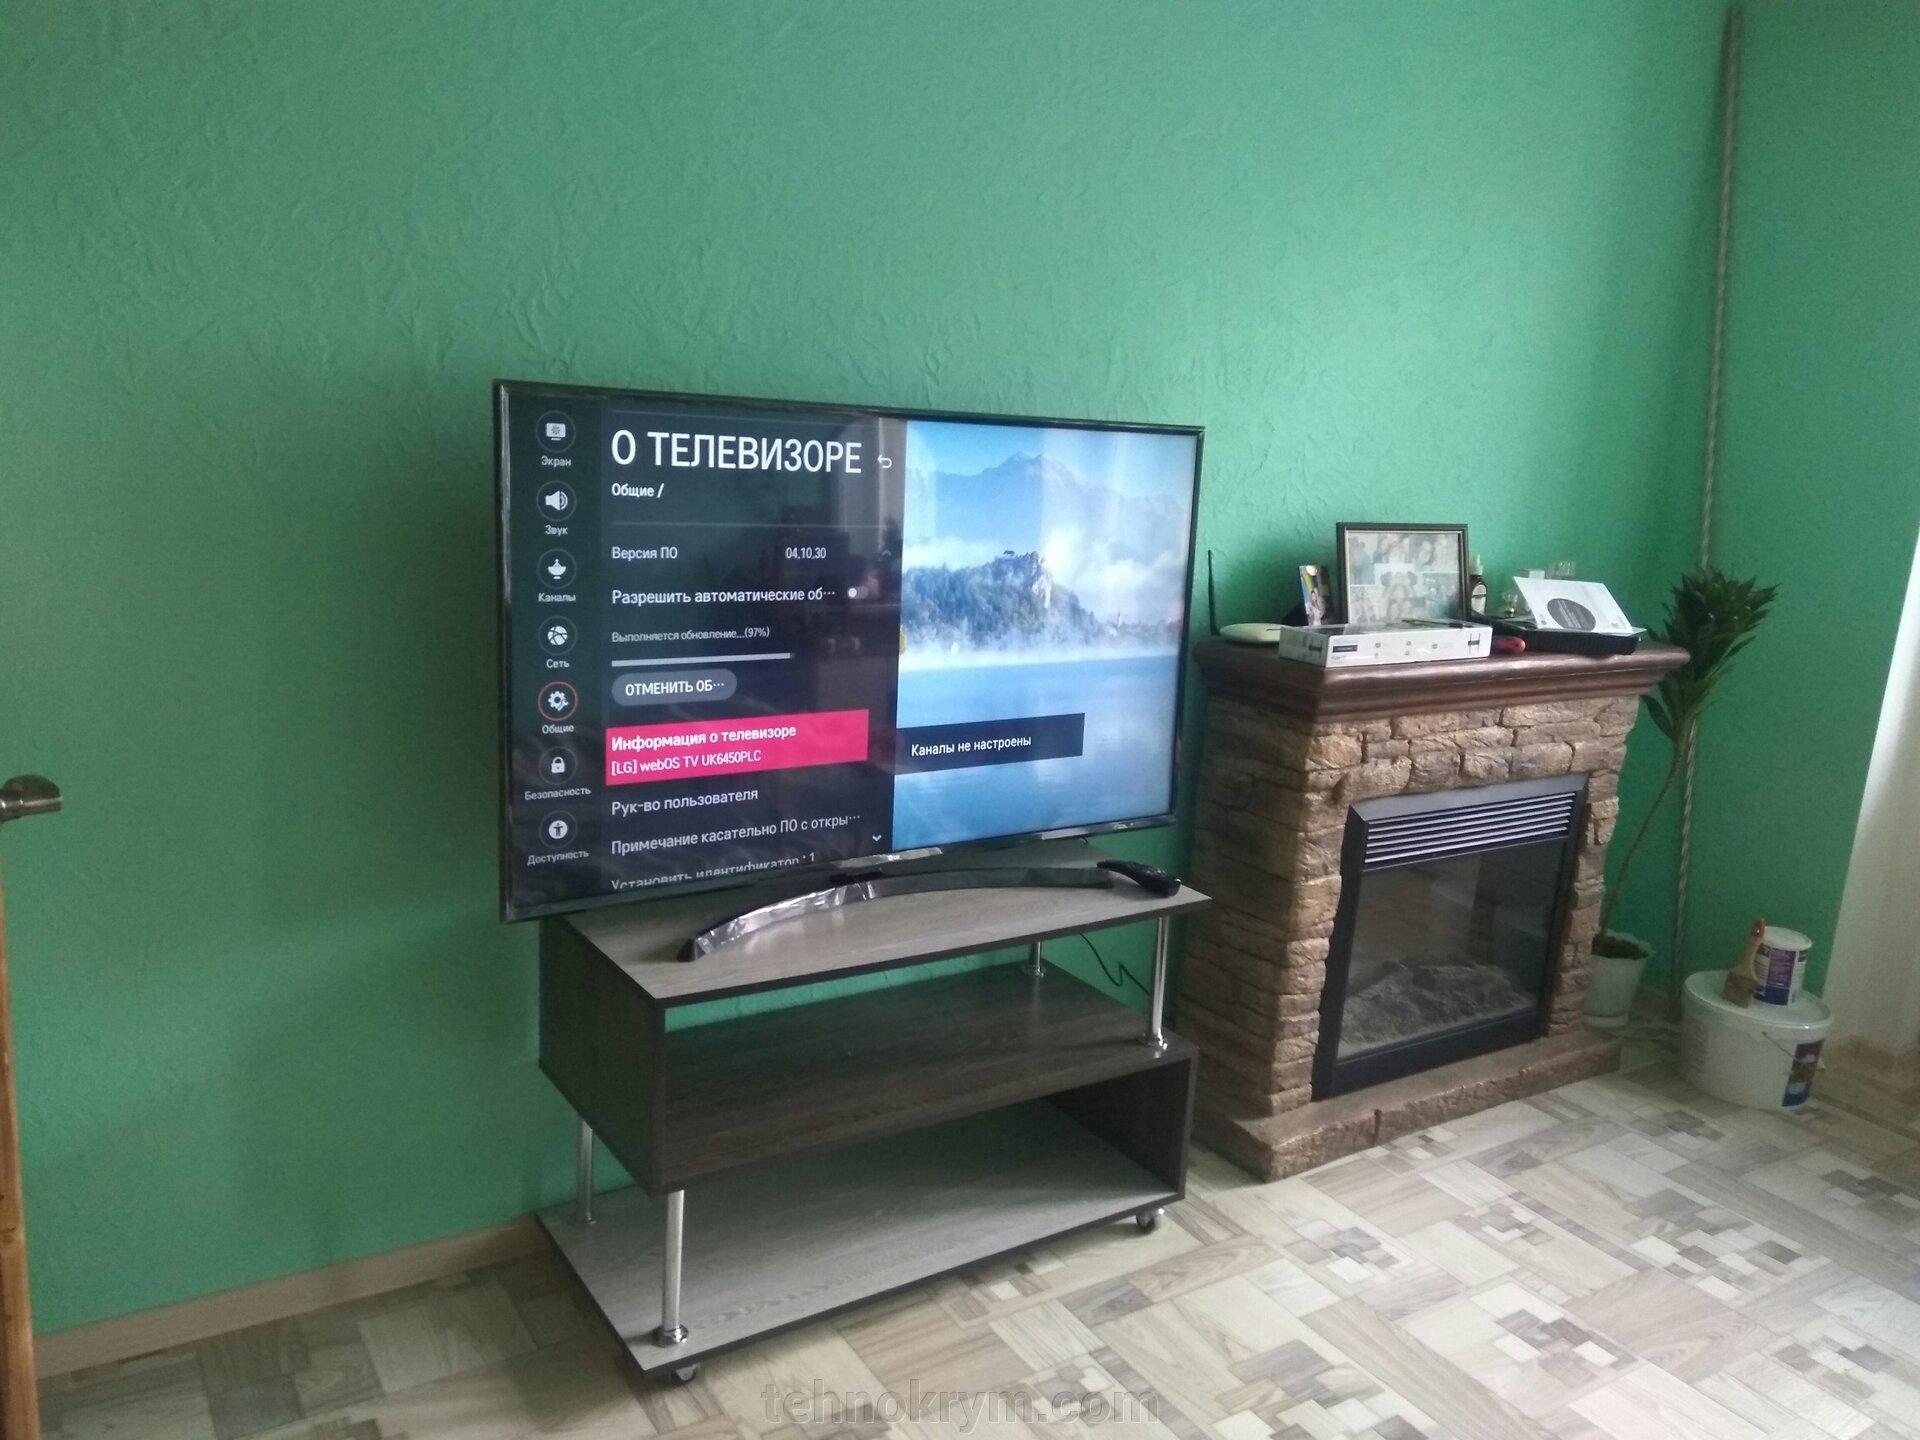 Доставка телевизора LG 55UK6450PLC по Симферополю.